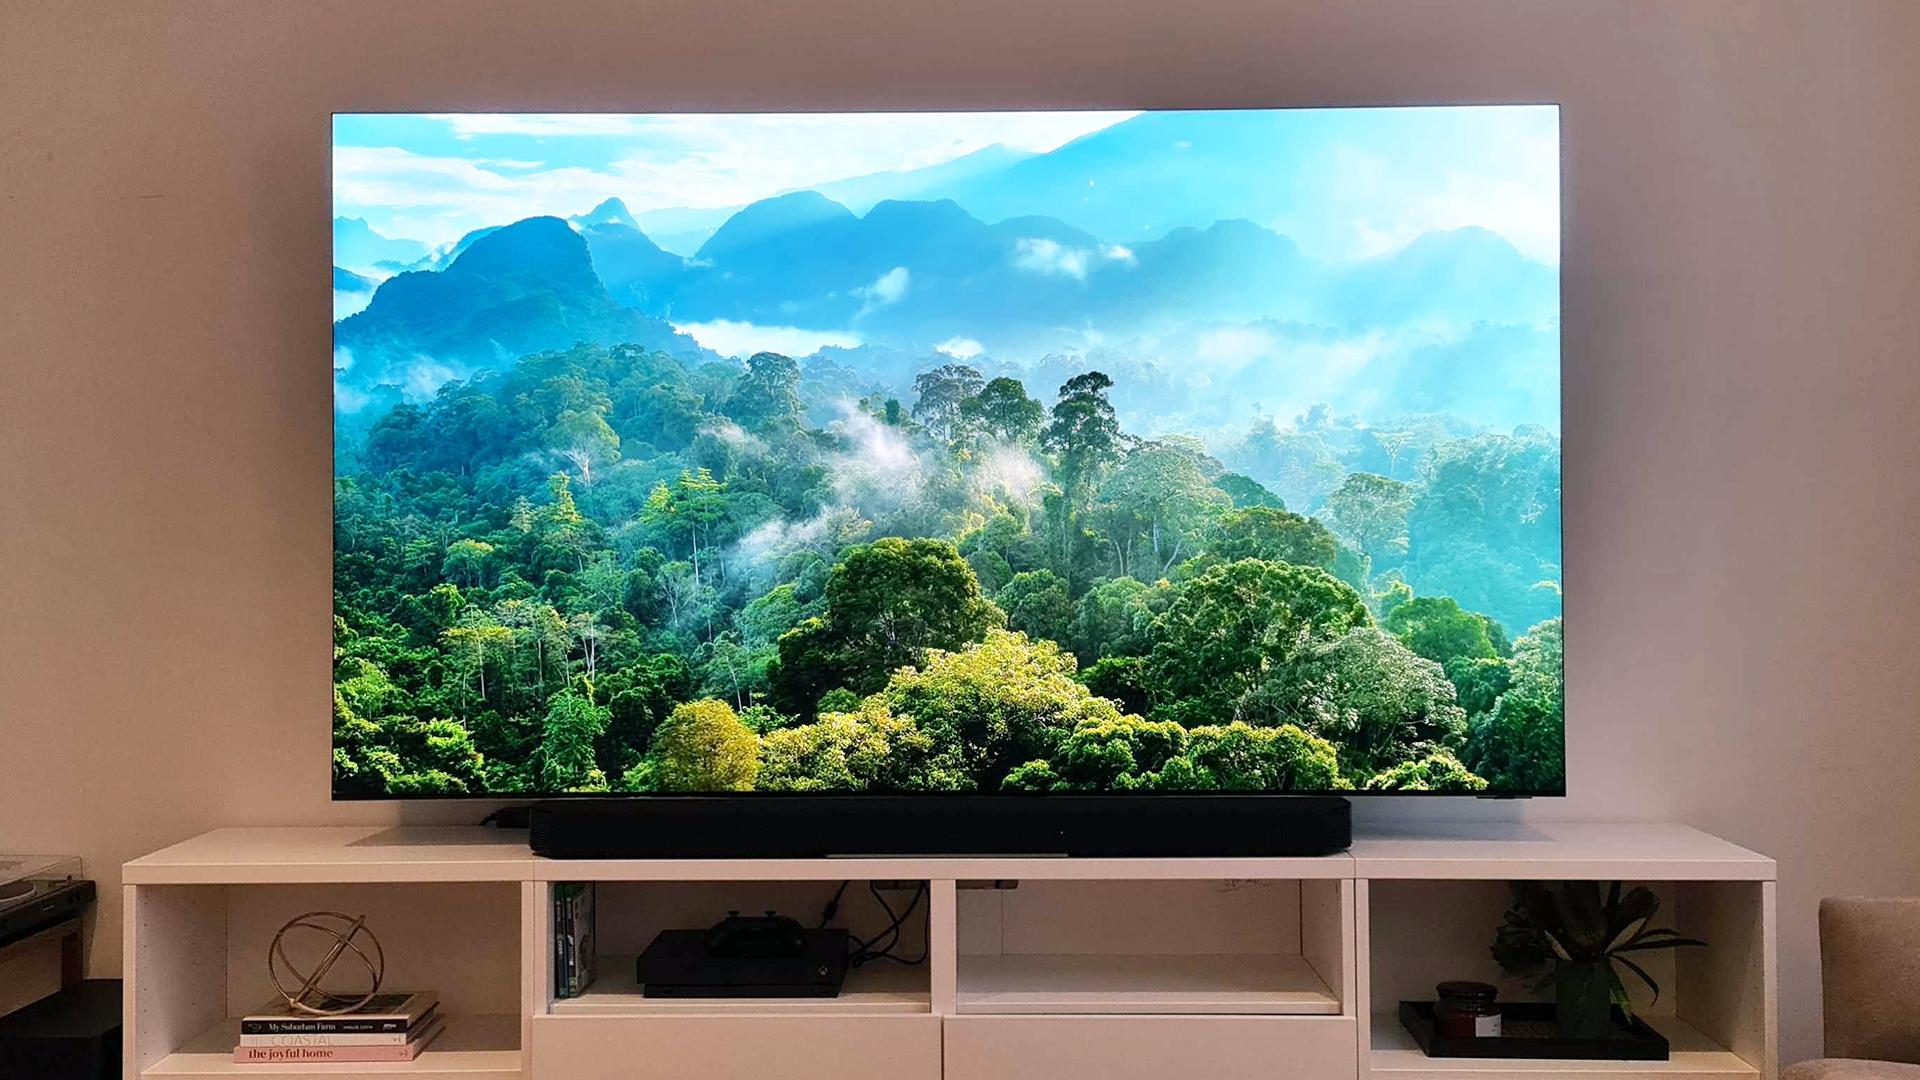 El Samsung QN900A Neo QLED 8K exhibido en una sala de estar